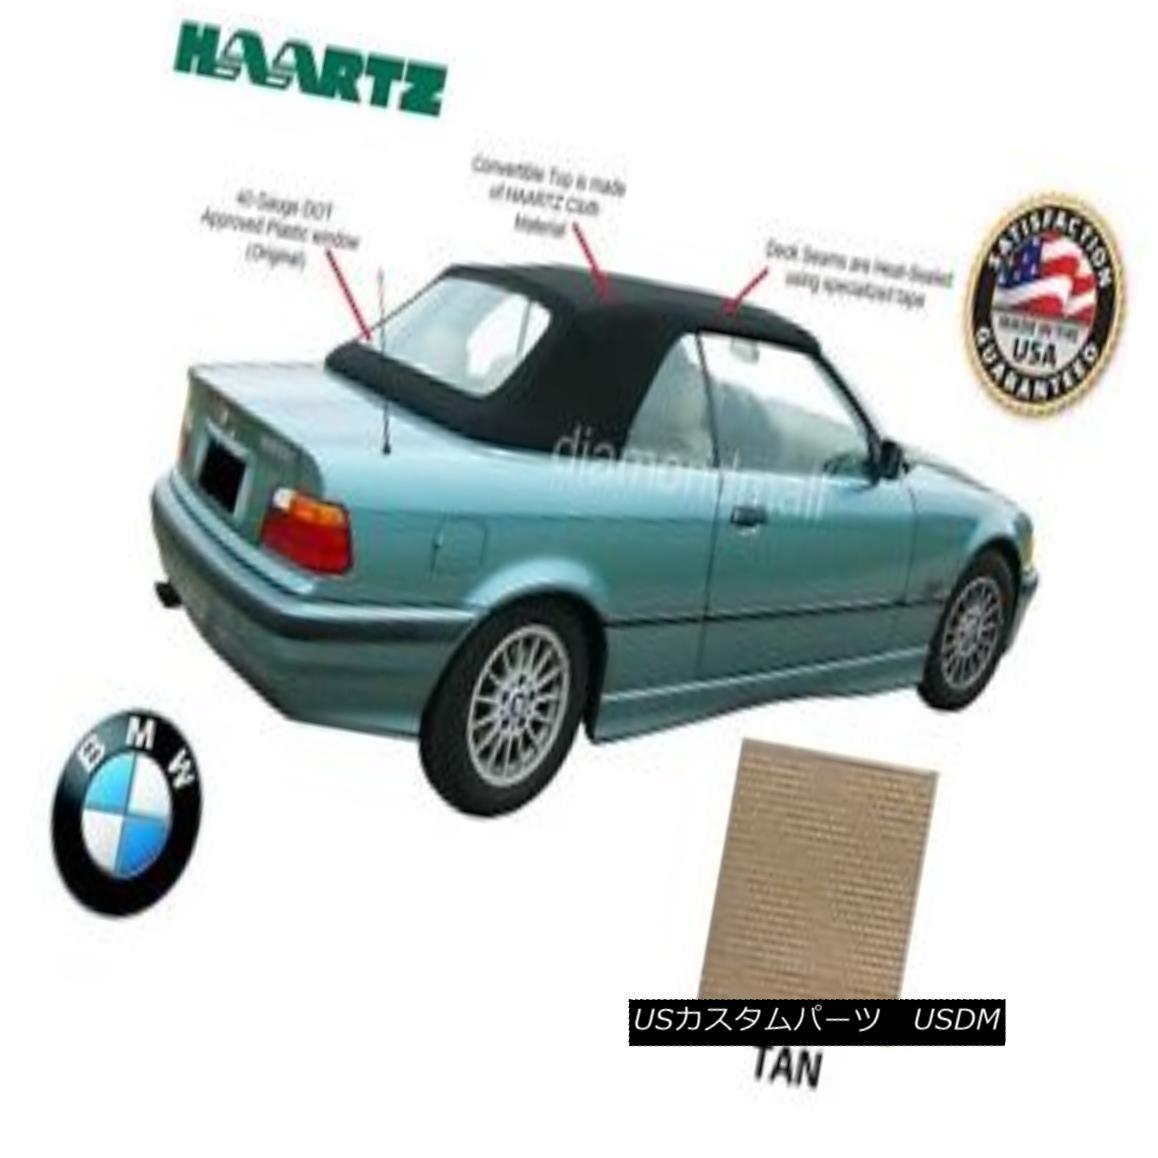 幌・ソフトトップ BMW E36 3-Series Convertible Soft Top 1994-1999 TAN Stayfast & Plastic window BMW E36 3シリーズコンバーチブルソフトトップ1994-1999 TAN Stayfast& プラスチック製の窓